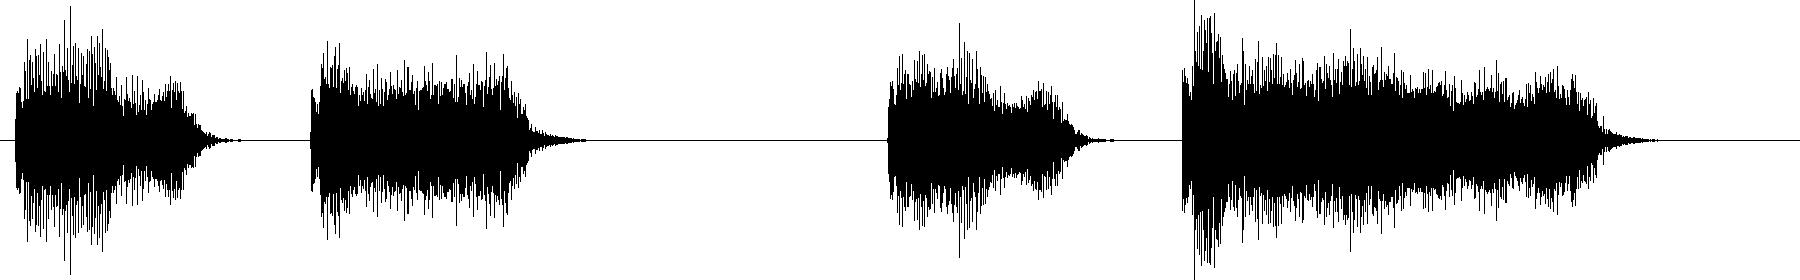 vocal fx   naming tech house genre 125 bpm